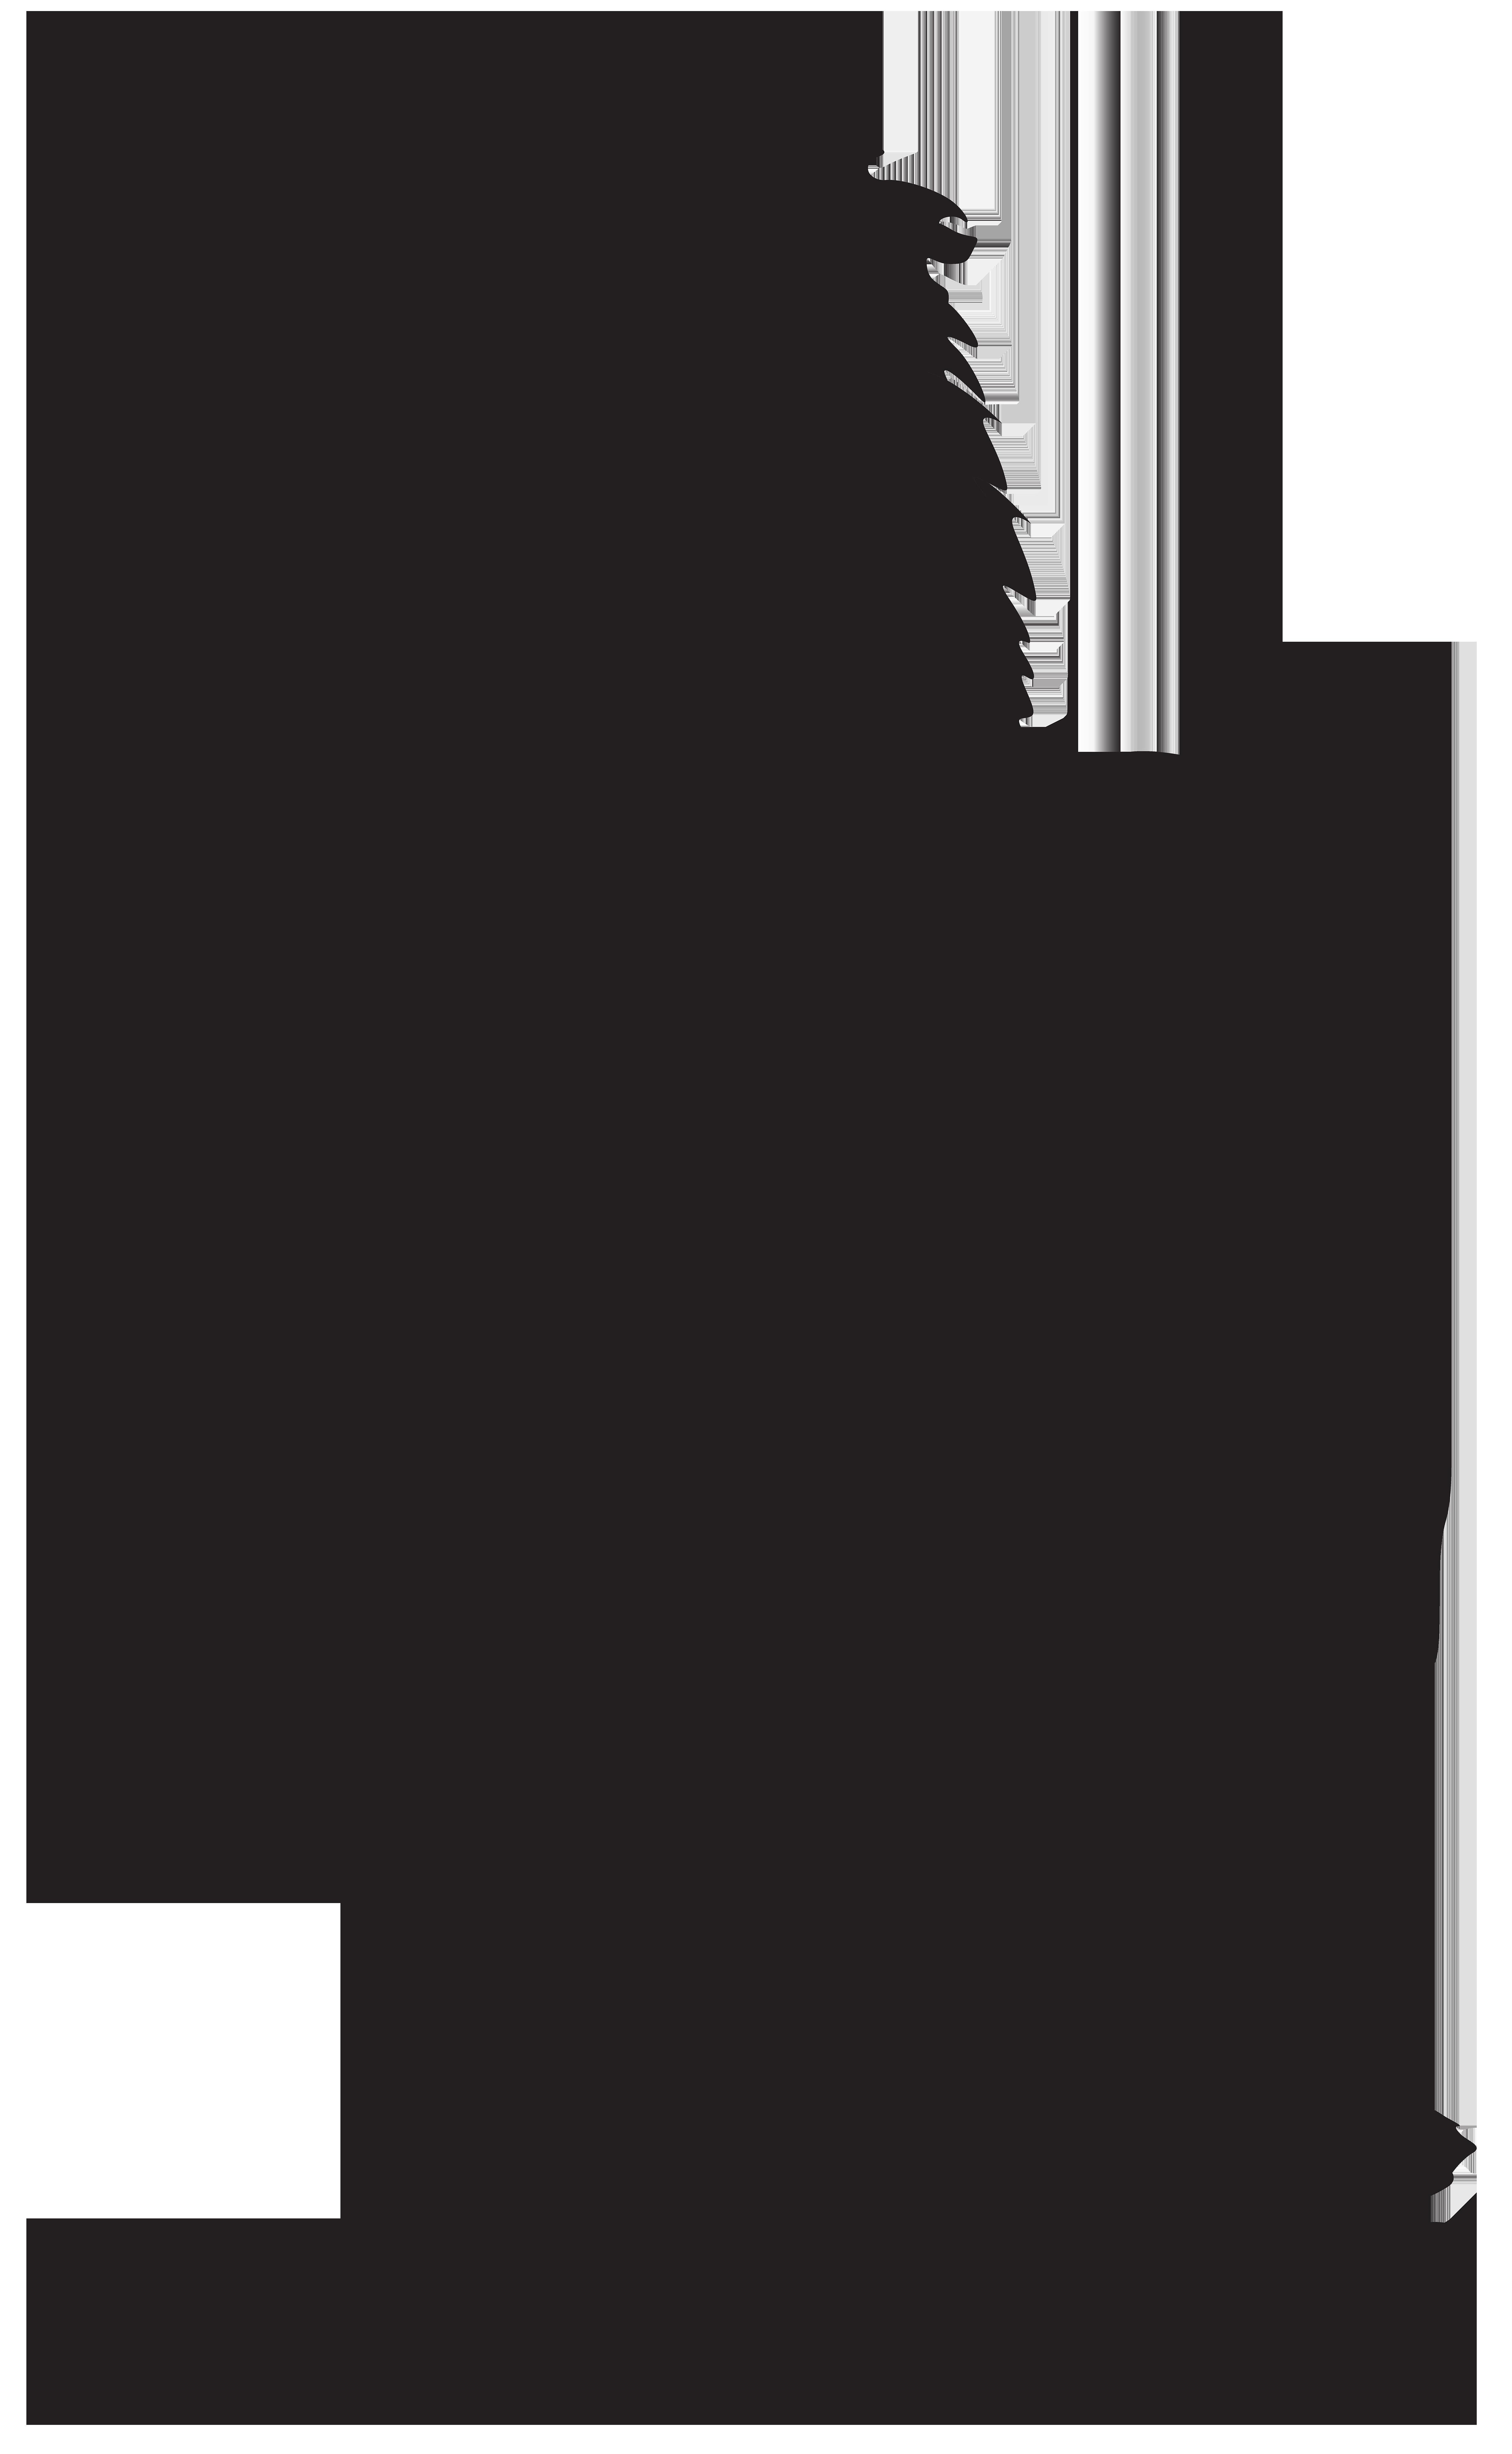 clipart walking lion